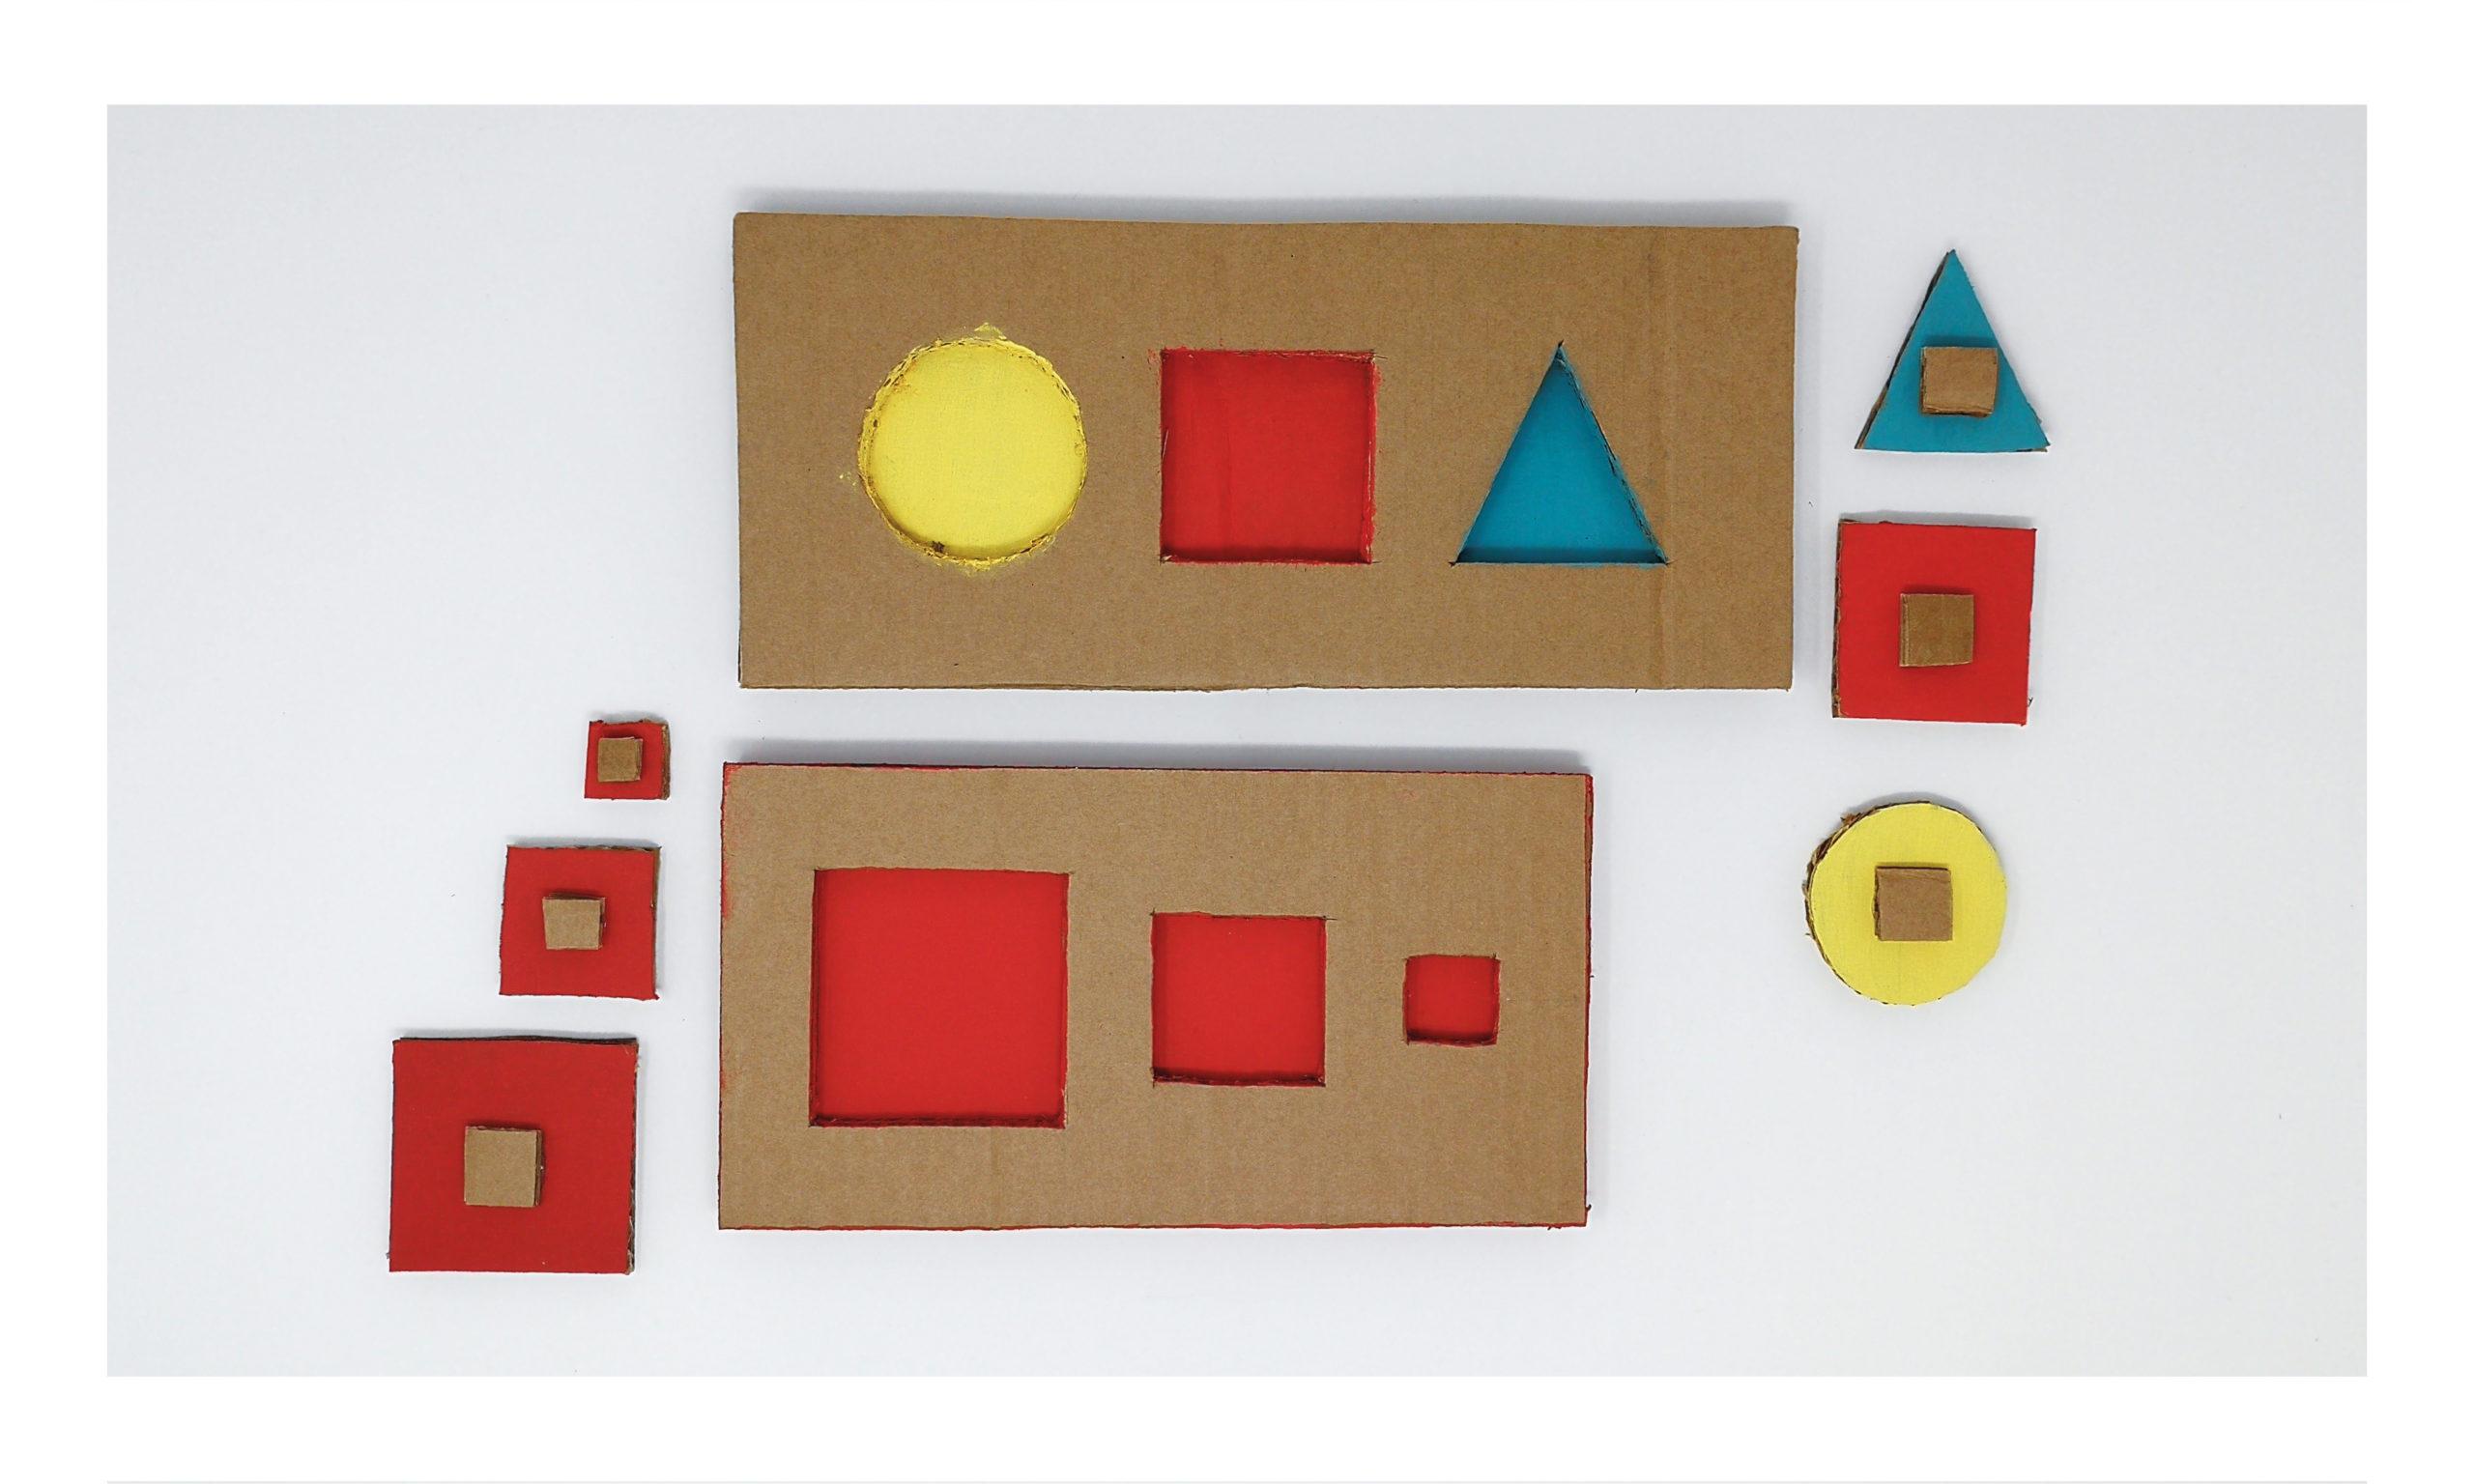 Lavoretto #5: La tavola delle forme